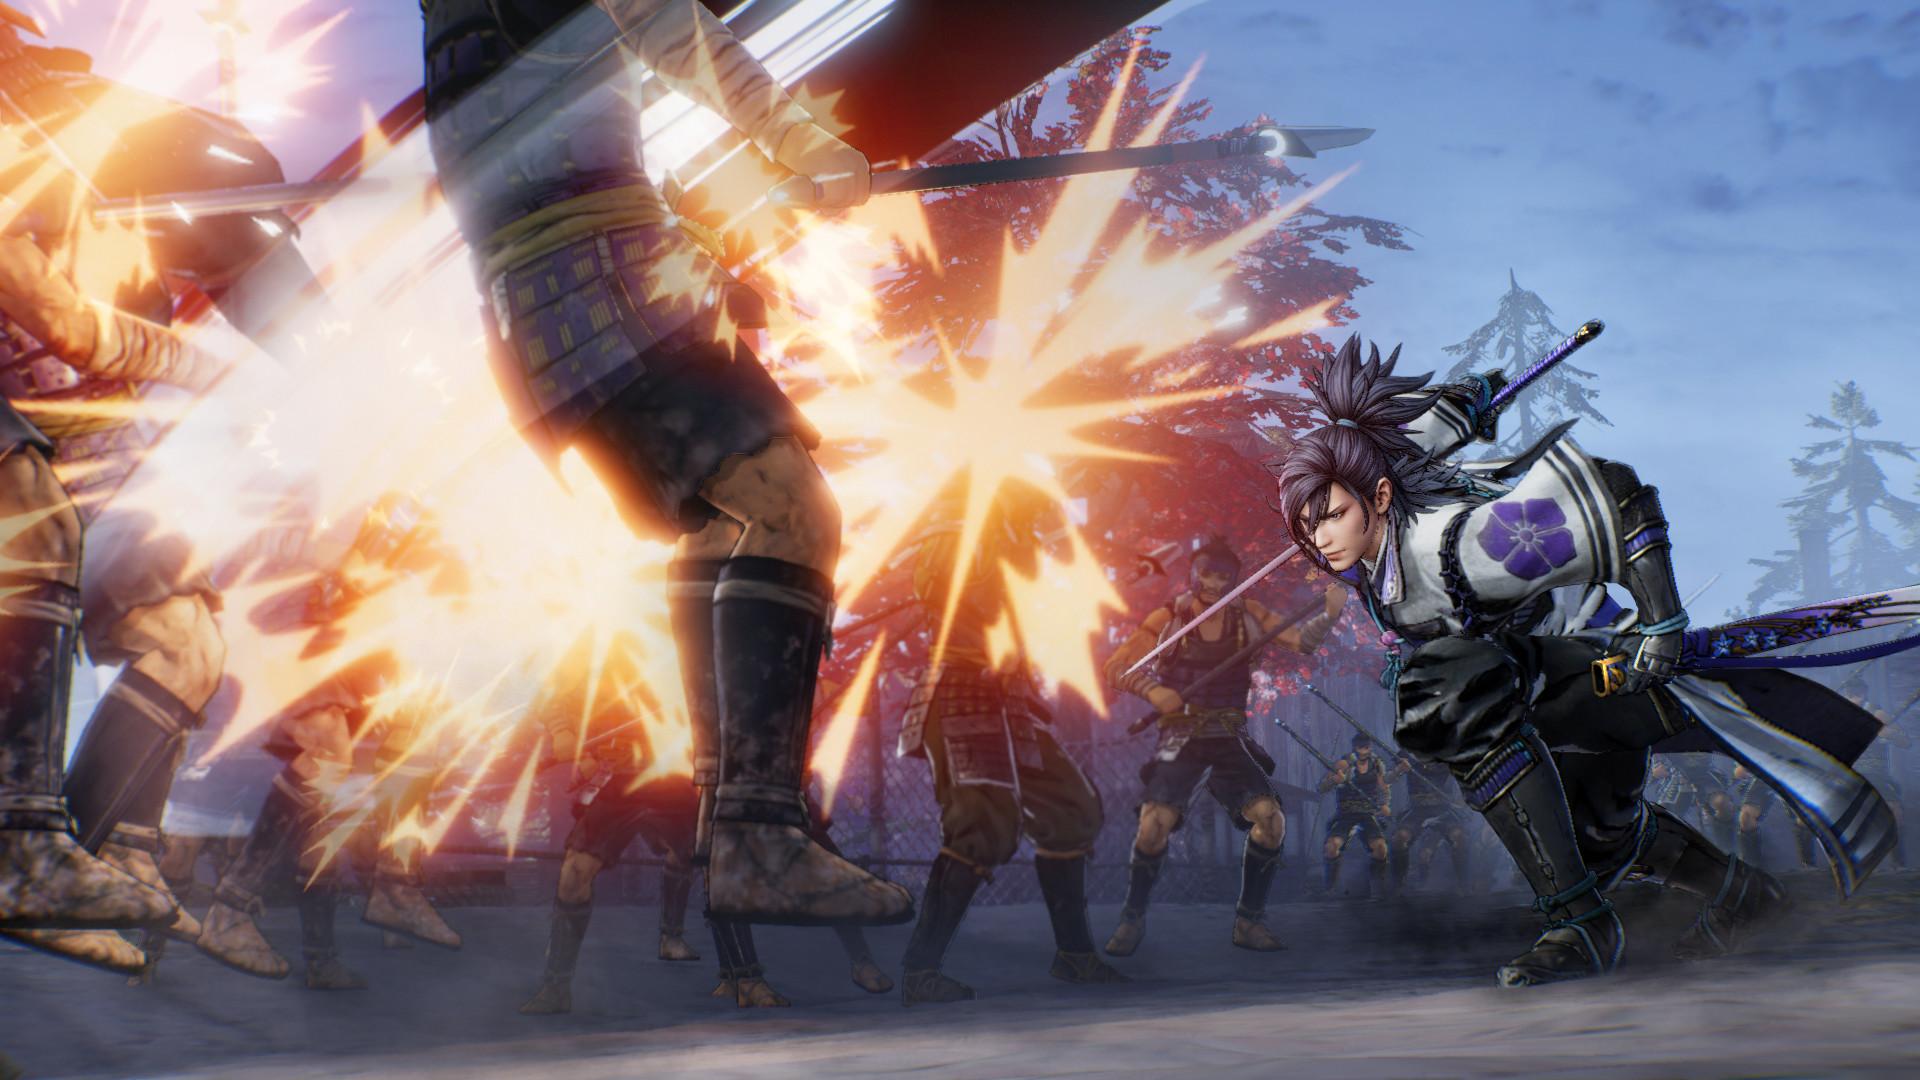 《战国无双5》Steam平台预购开启 将于7月27日解锁